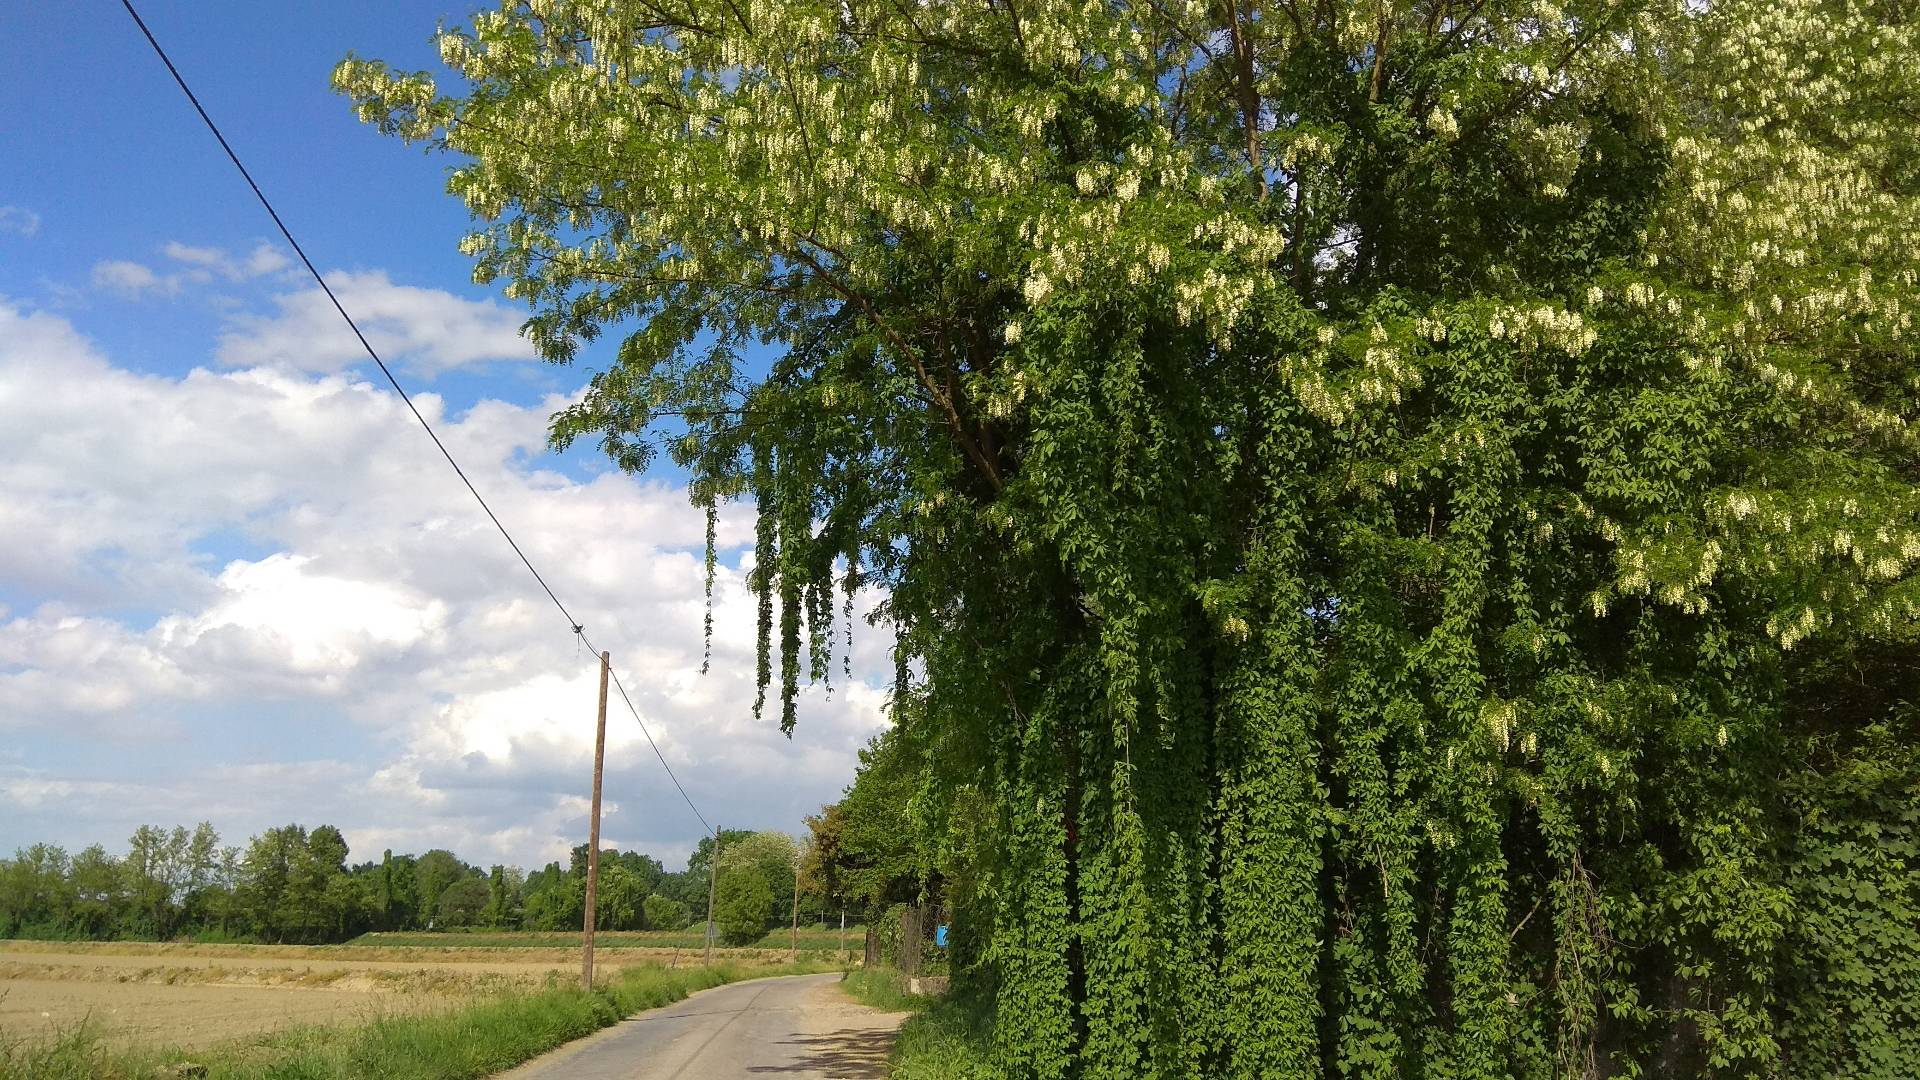 percorso lento nella campagna di Cremona